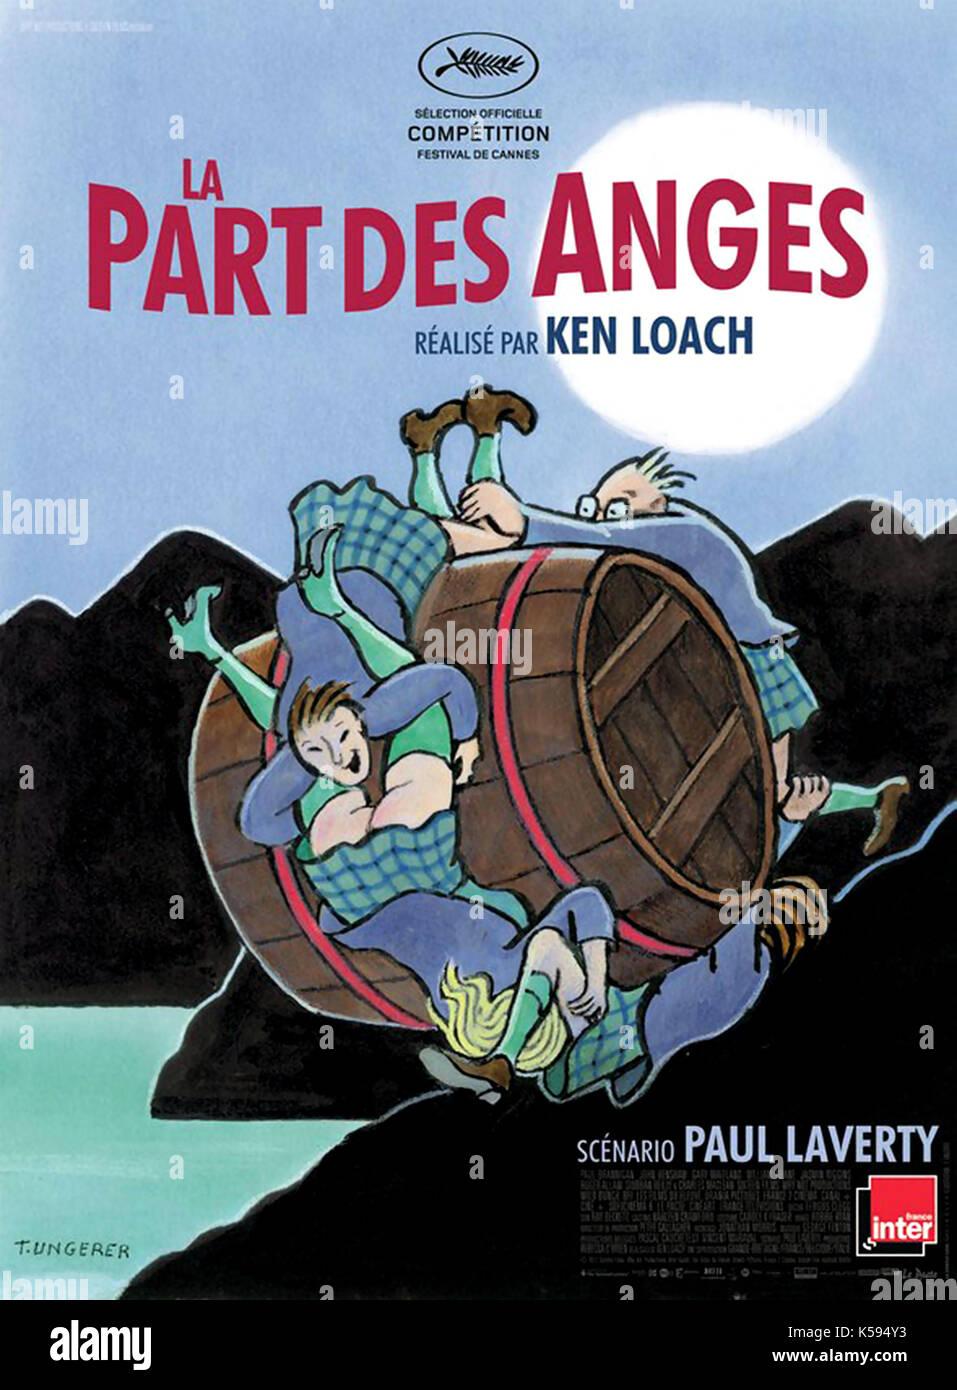 PART LOACH ANGES TÉLÉCHARGER LA DES KEN